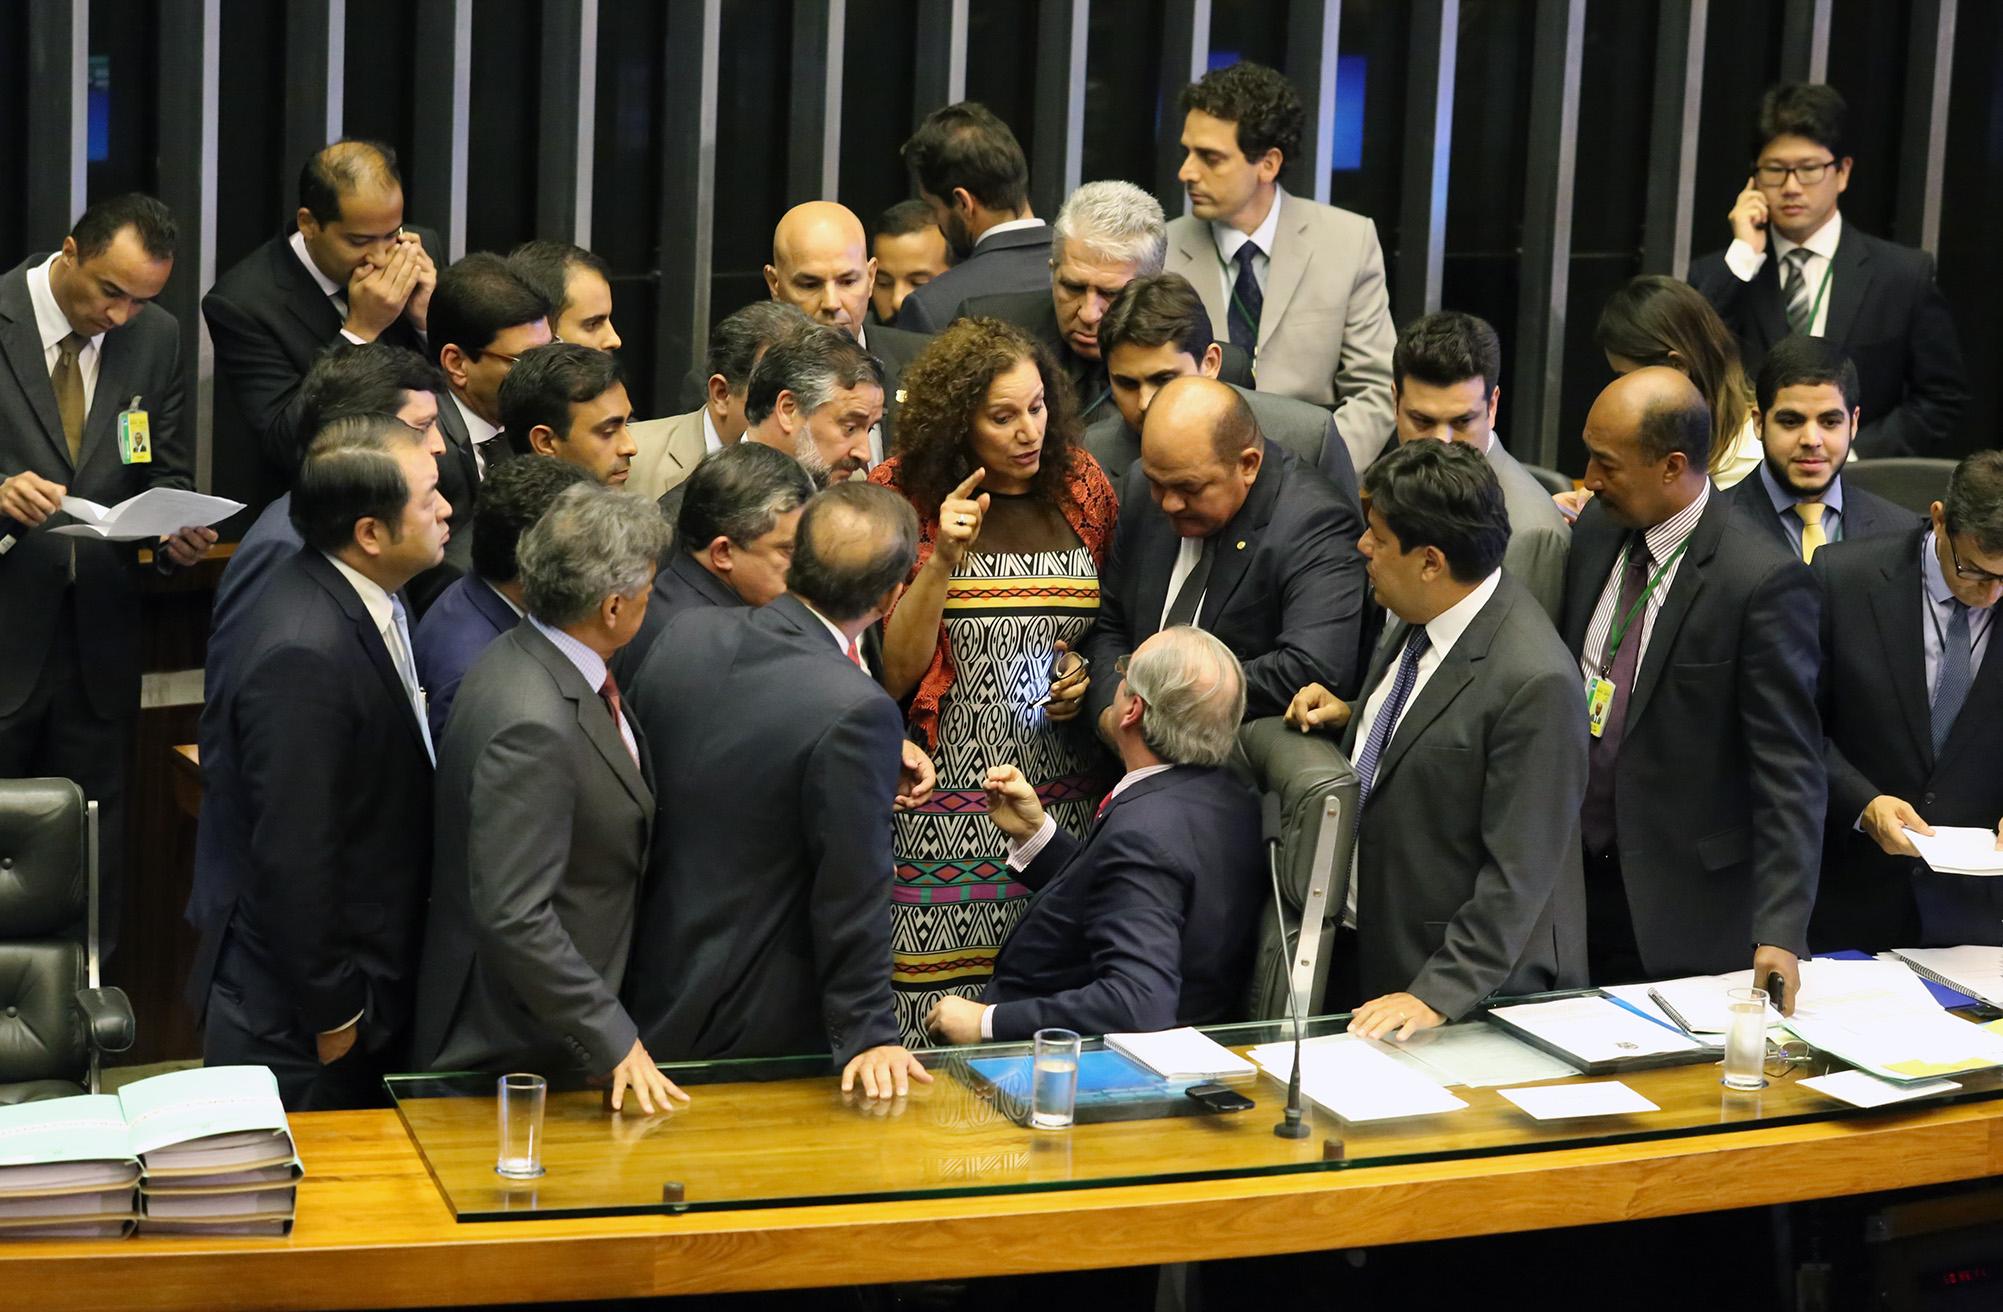 Sessão para votação dos integrantes da comissão especial destinada a dar parecer sobre o pedido de impeachment da presidente Dilma Rousseff  Data: 08/12/2015 - Foto: Antonio Augusto / Câmara dos Deputados